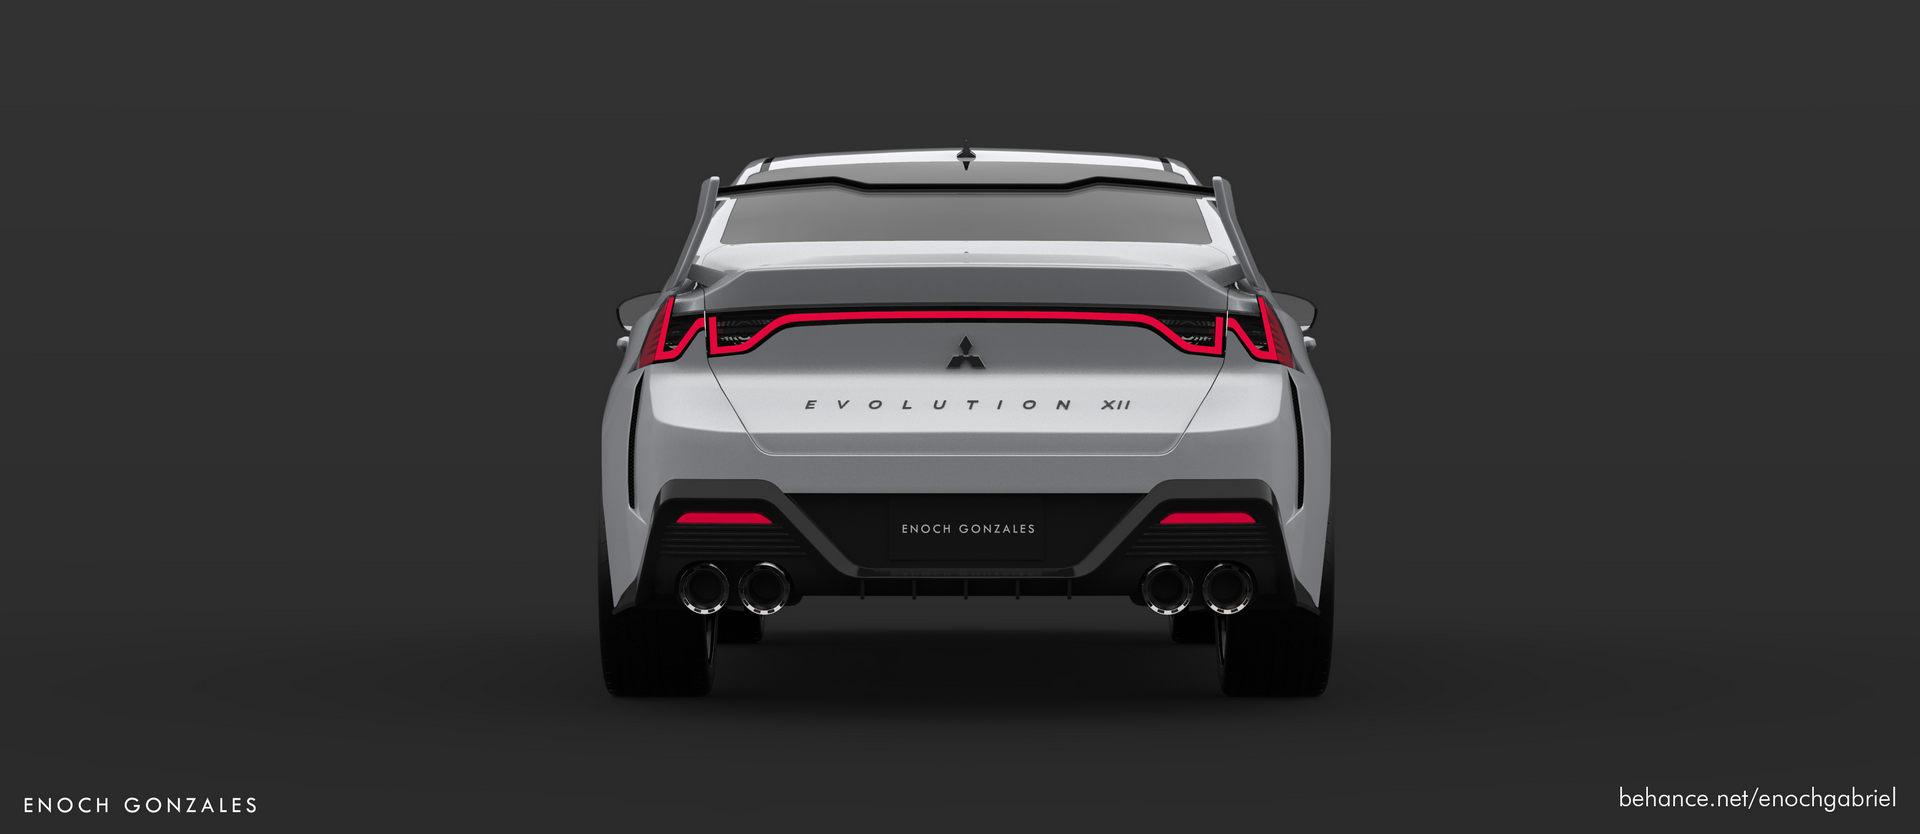 Mitsubishi-Lancer-Evo-XII-renderings-25